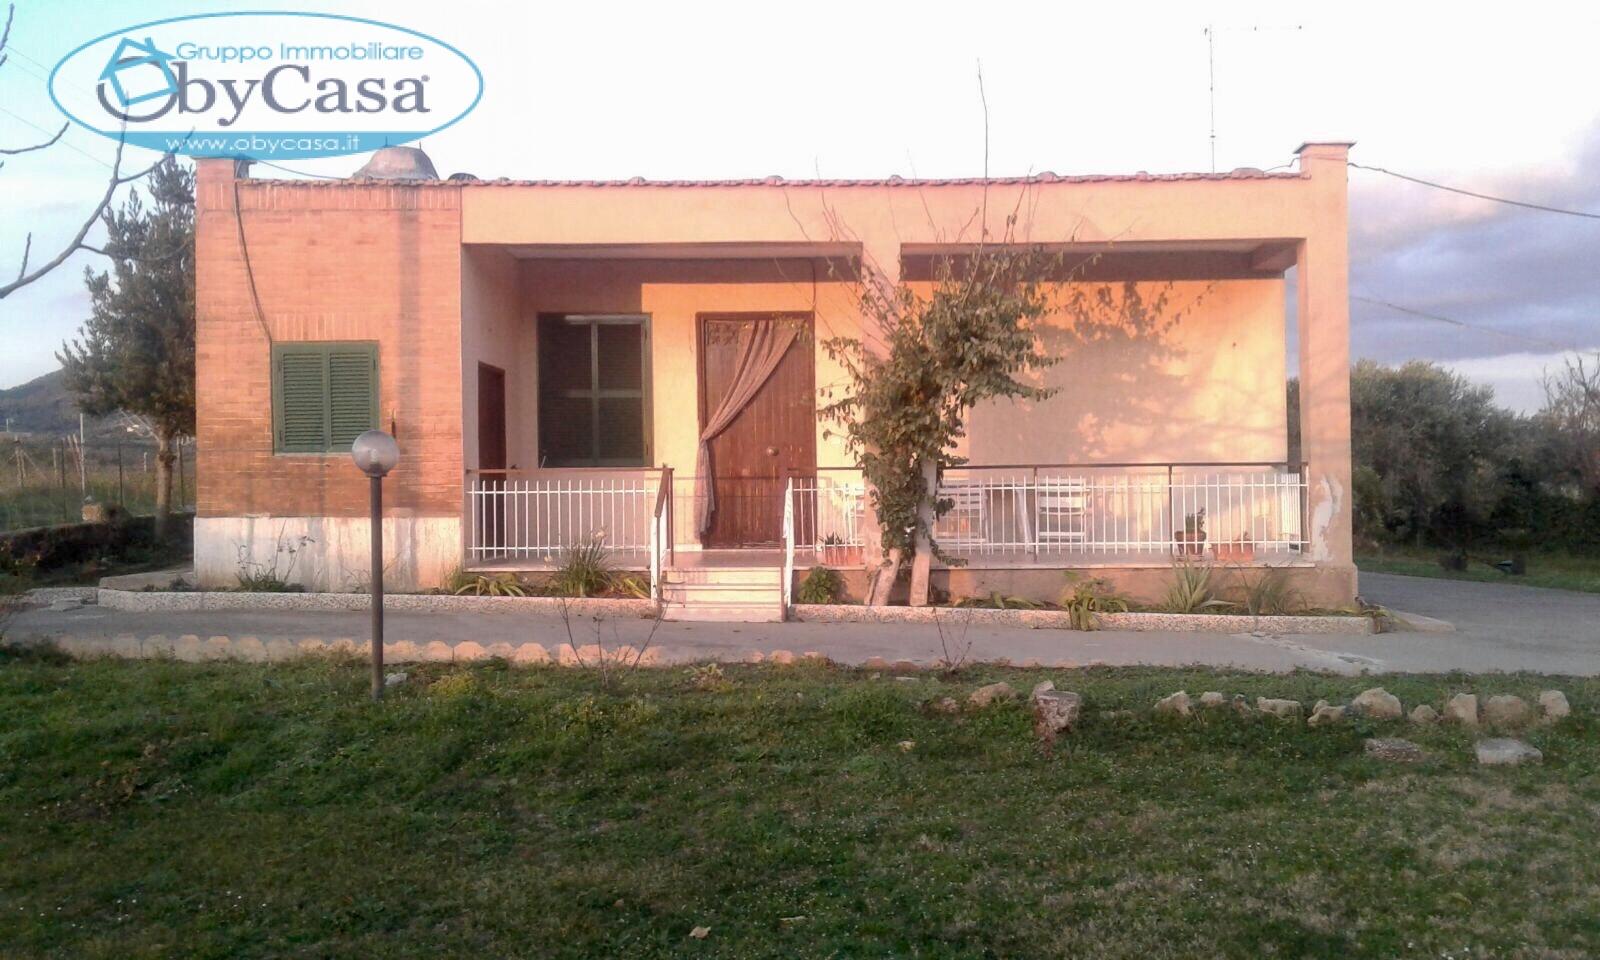 Soluzione Indipendente in vendita a Cerveteri, 9 locali, prezzo € 369.000   Cambio Casa.it